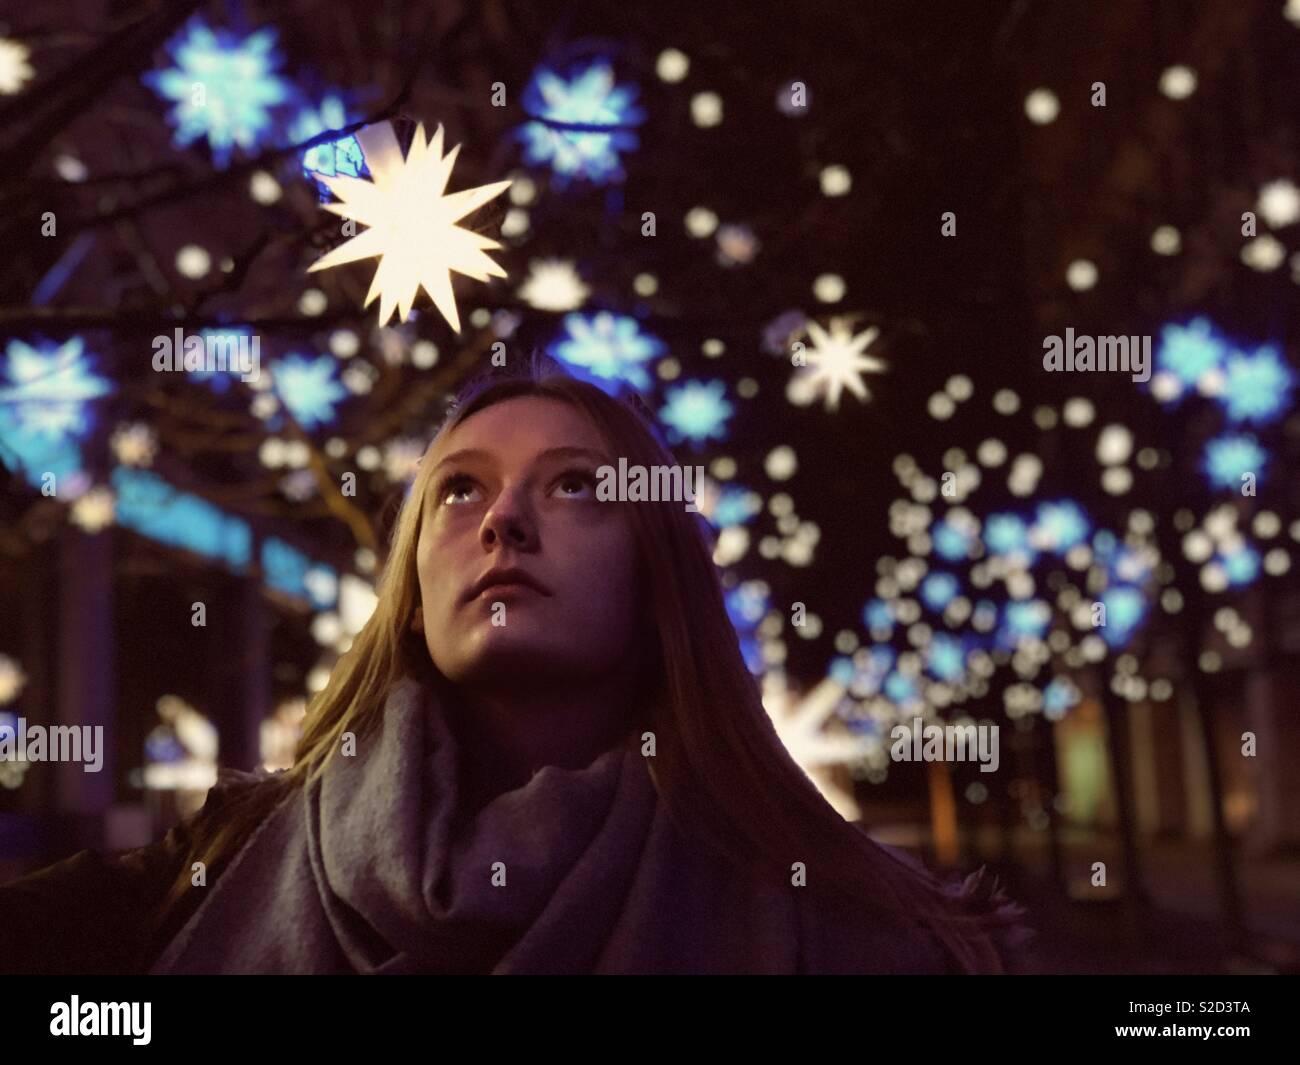 Hermosa joven mirando a una brillante estrella de navidad la decoración. Imagen De Stock